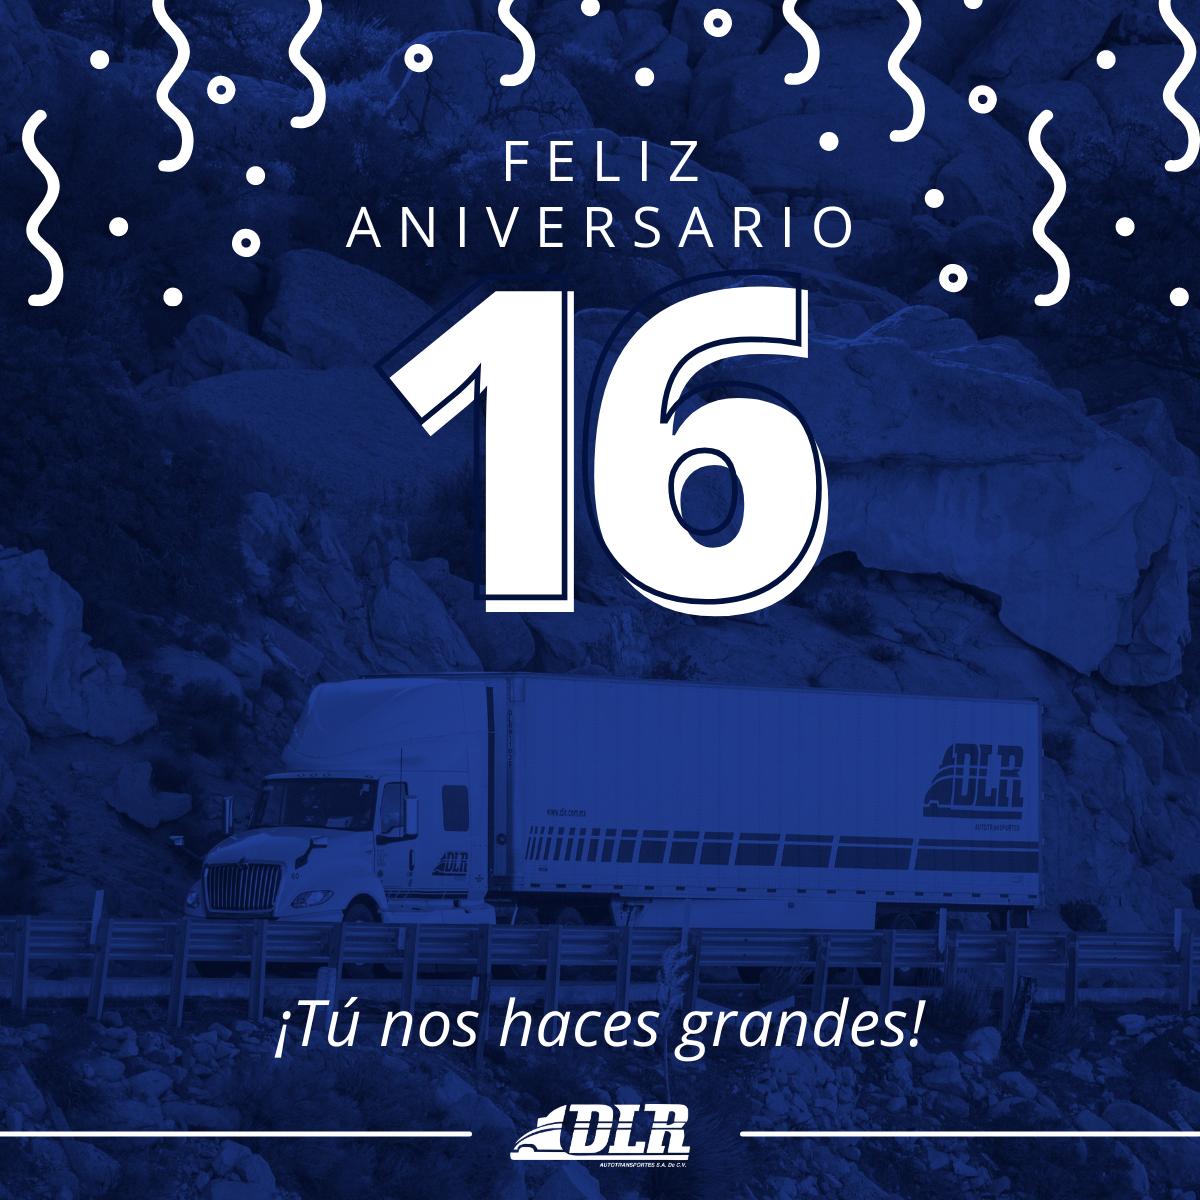 Aniversario 16 de DLR Autotransportes